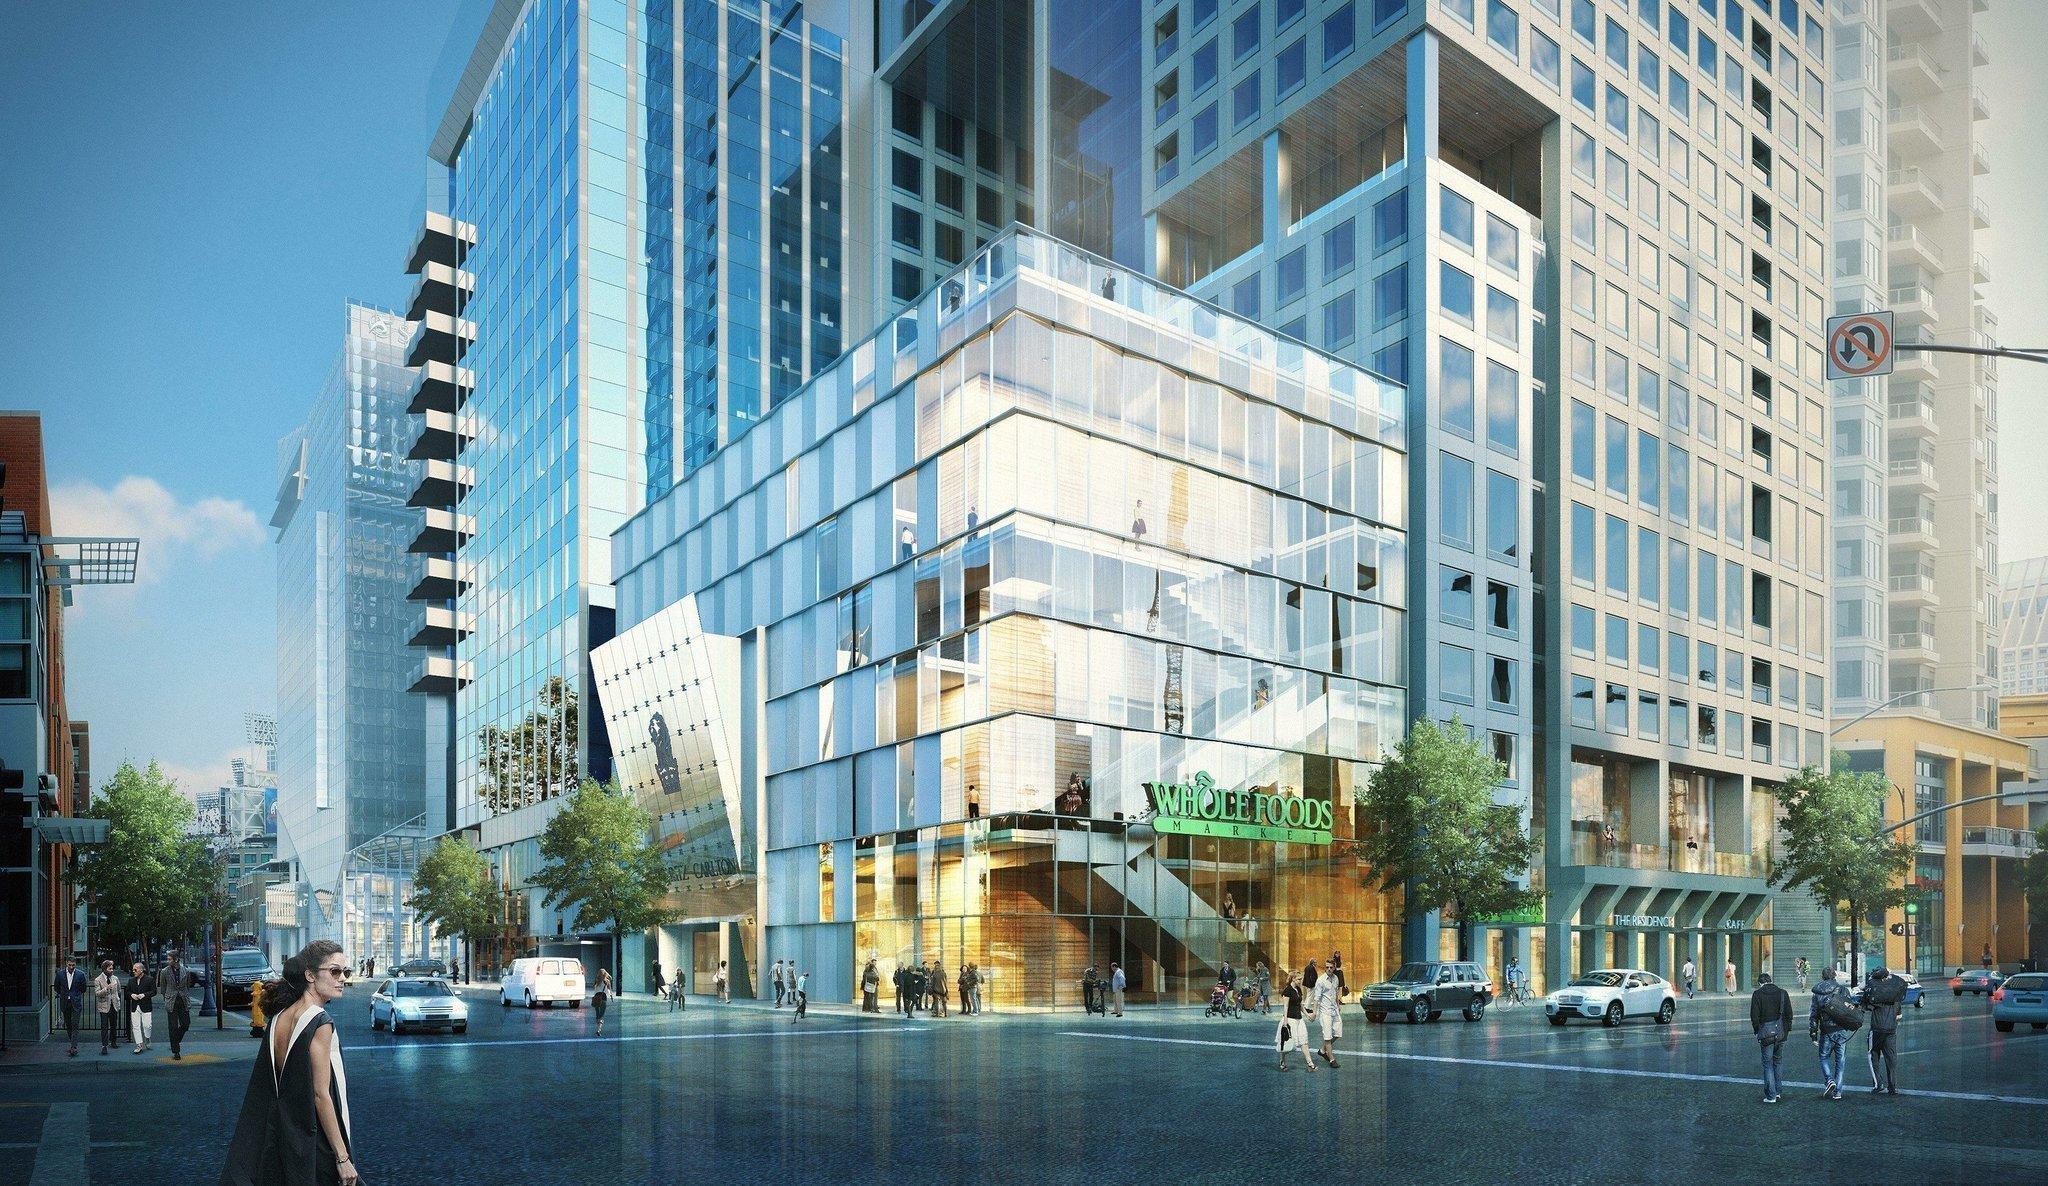 400 Million Project Will Include Ritz Carlton Whole